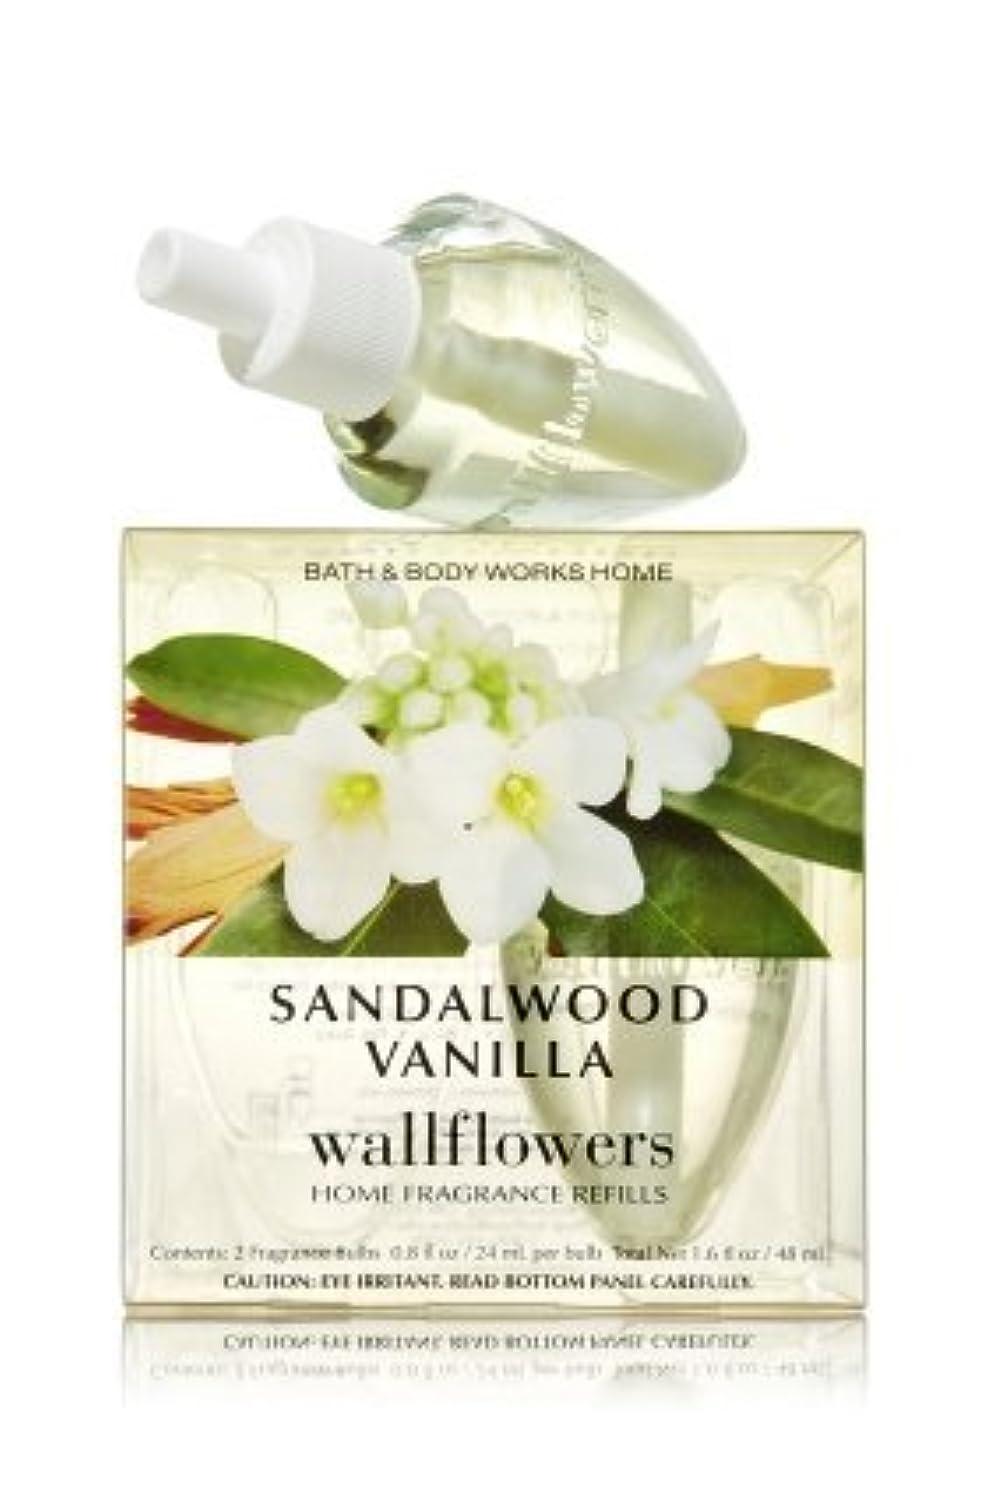 装置素晴らしき民間【Bath&Body Works/バス&ボディワークス】 ルームフレグランス 詰替えリフィル(2個入り) サンダルウッドバニラ Wallflowers Home Fragrance 2-Pack Refills Sandalwood Vanilla [並行輸入品]